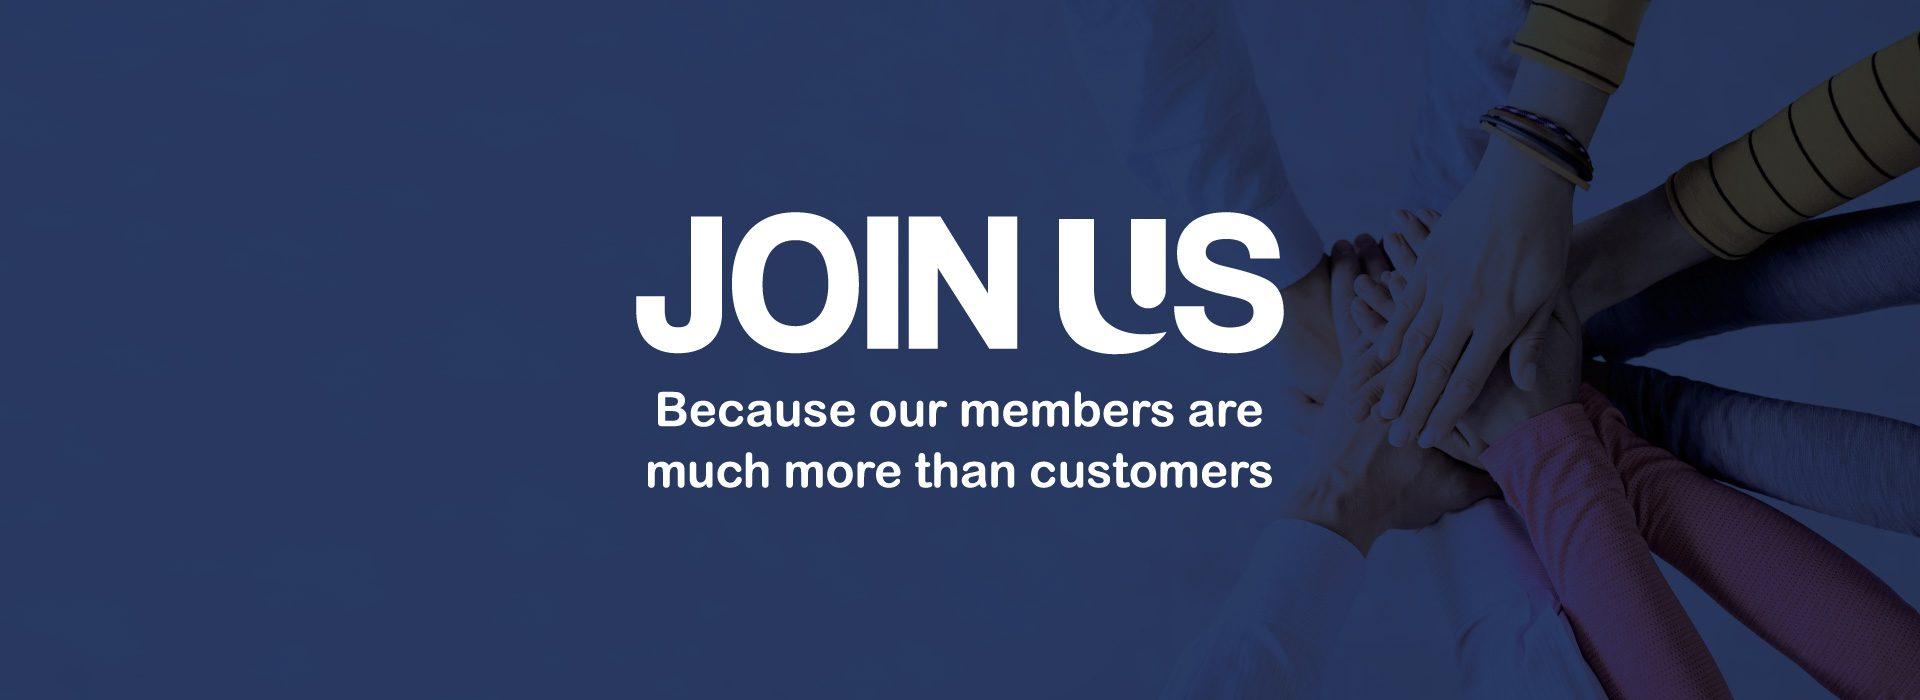 Join Us - Membership